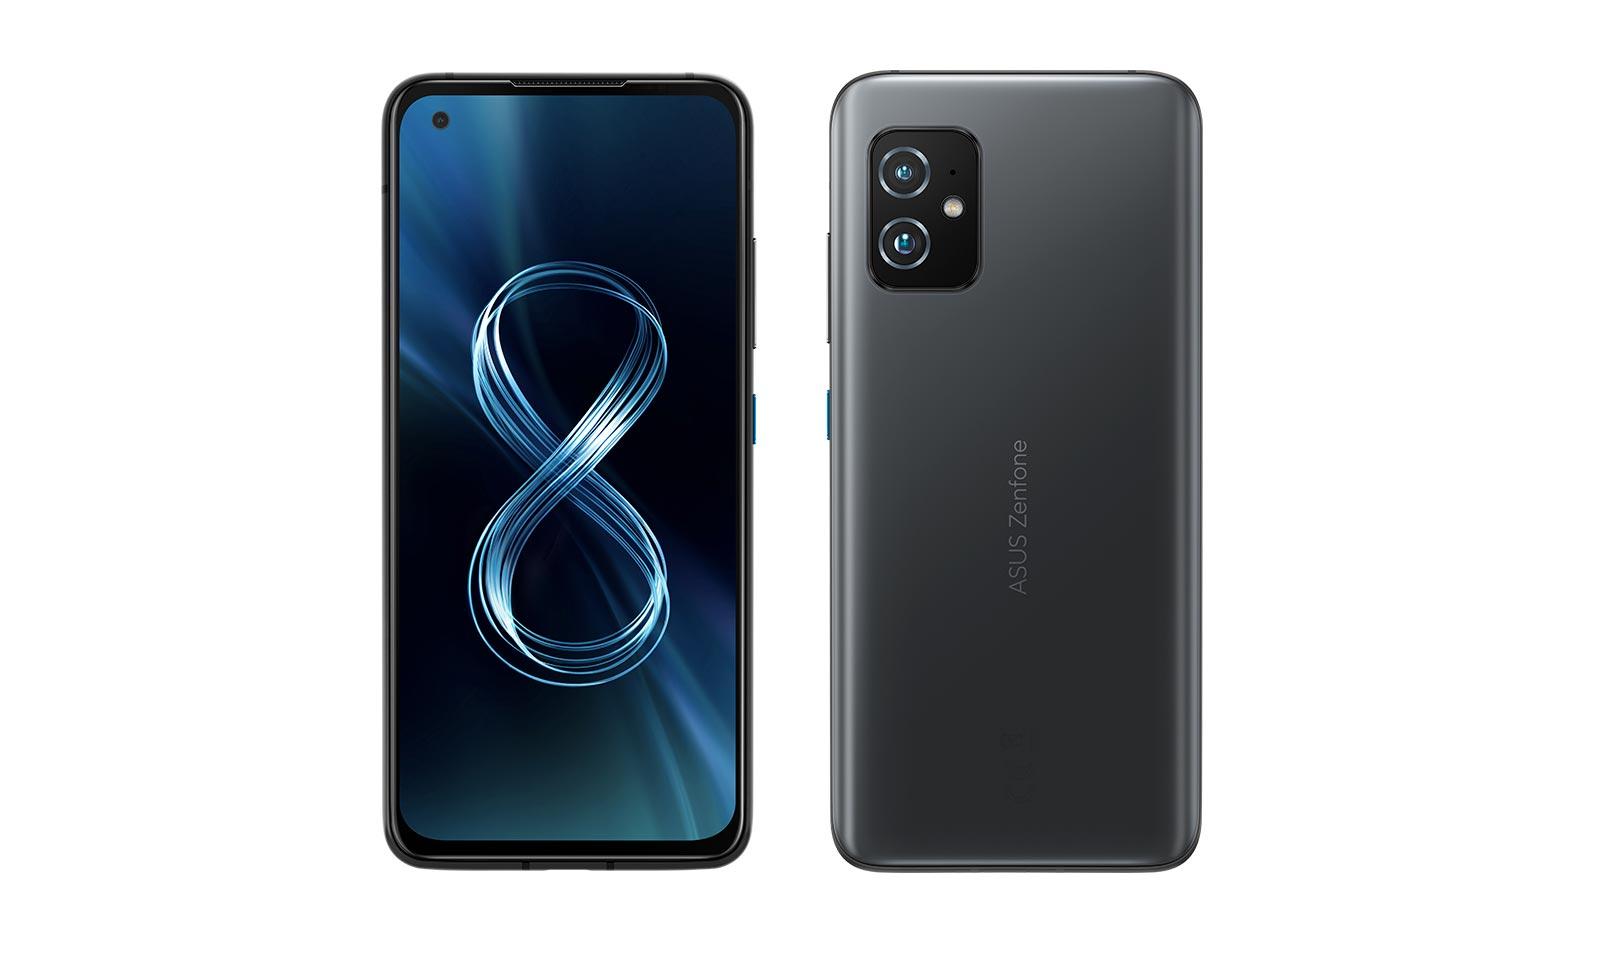 Telefonul Zenfone 8 pe față și spate